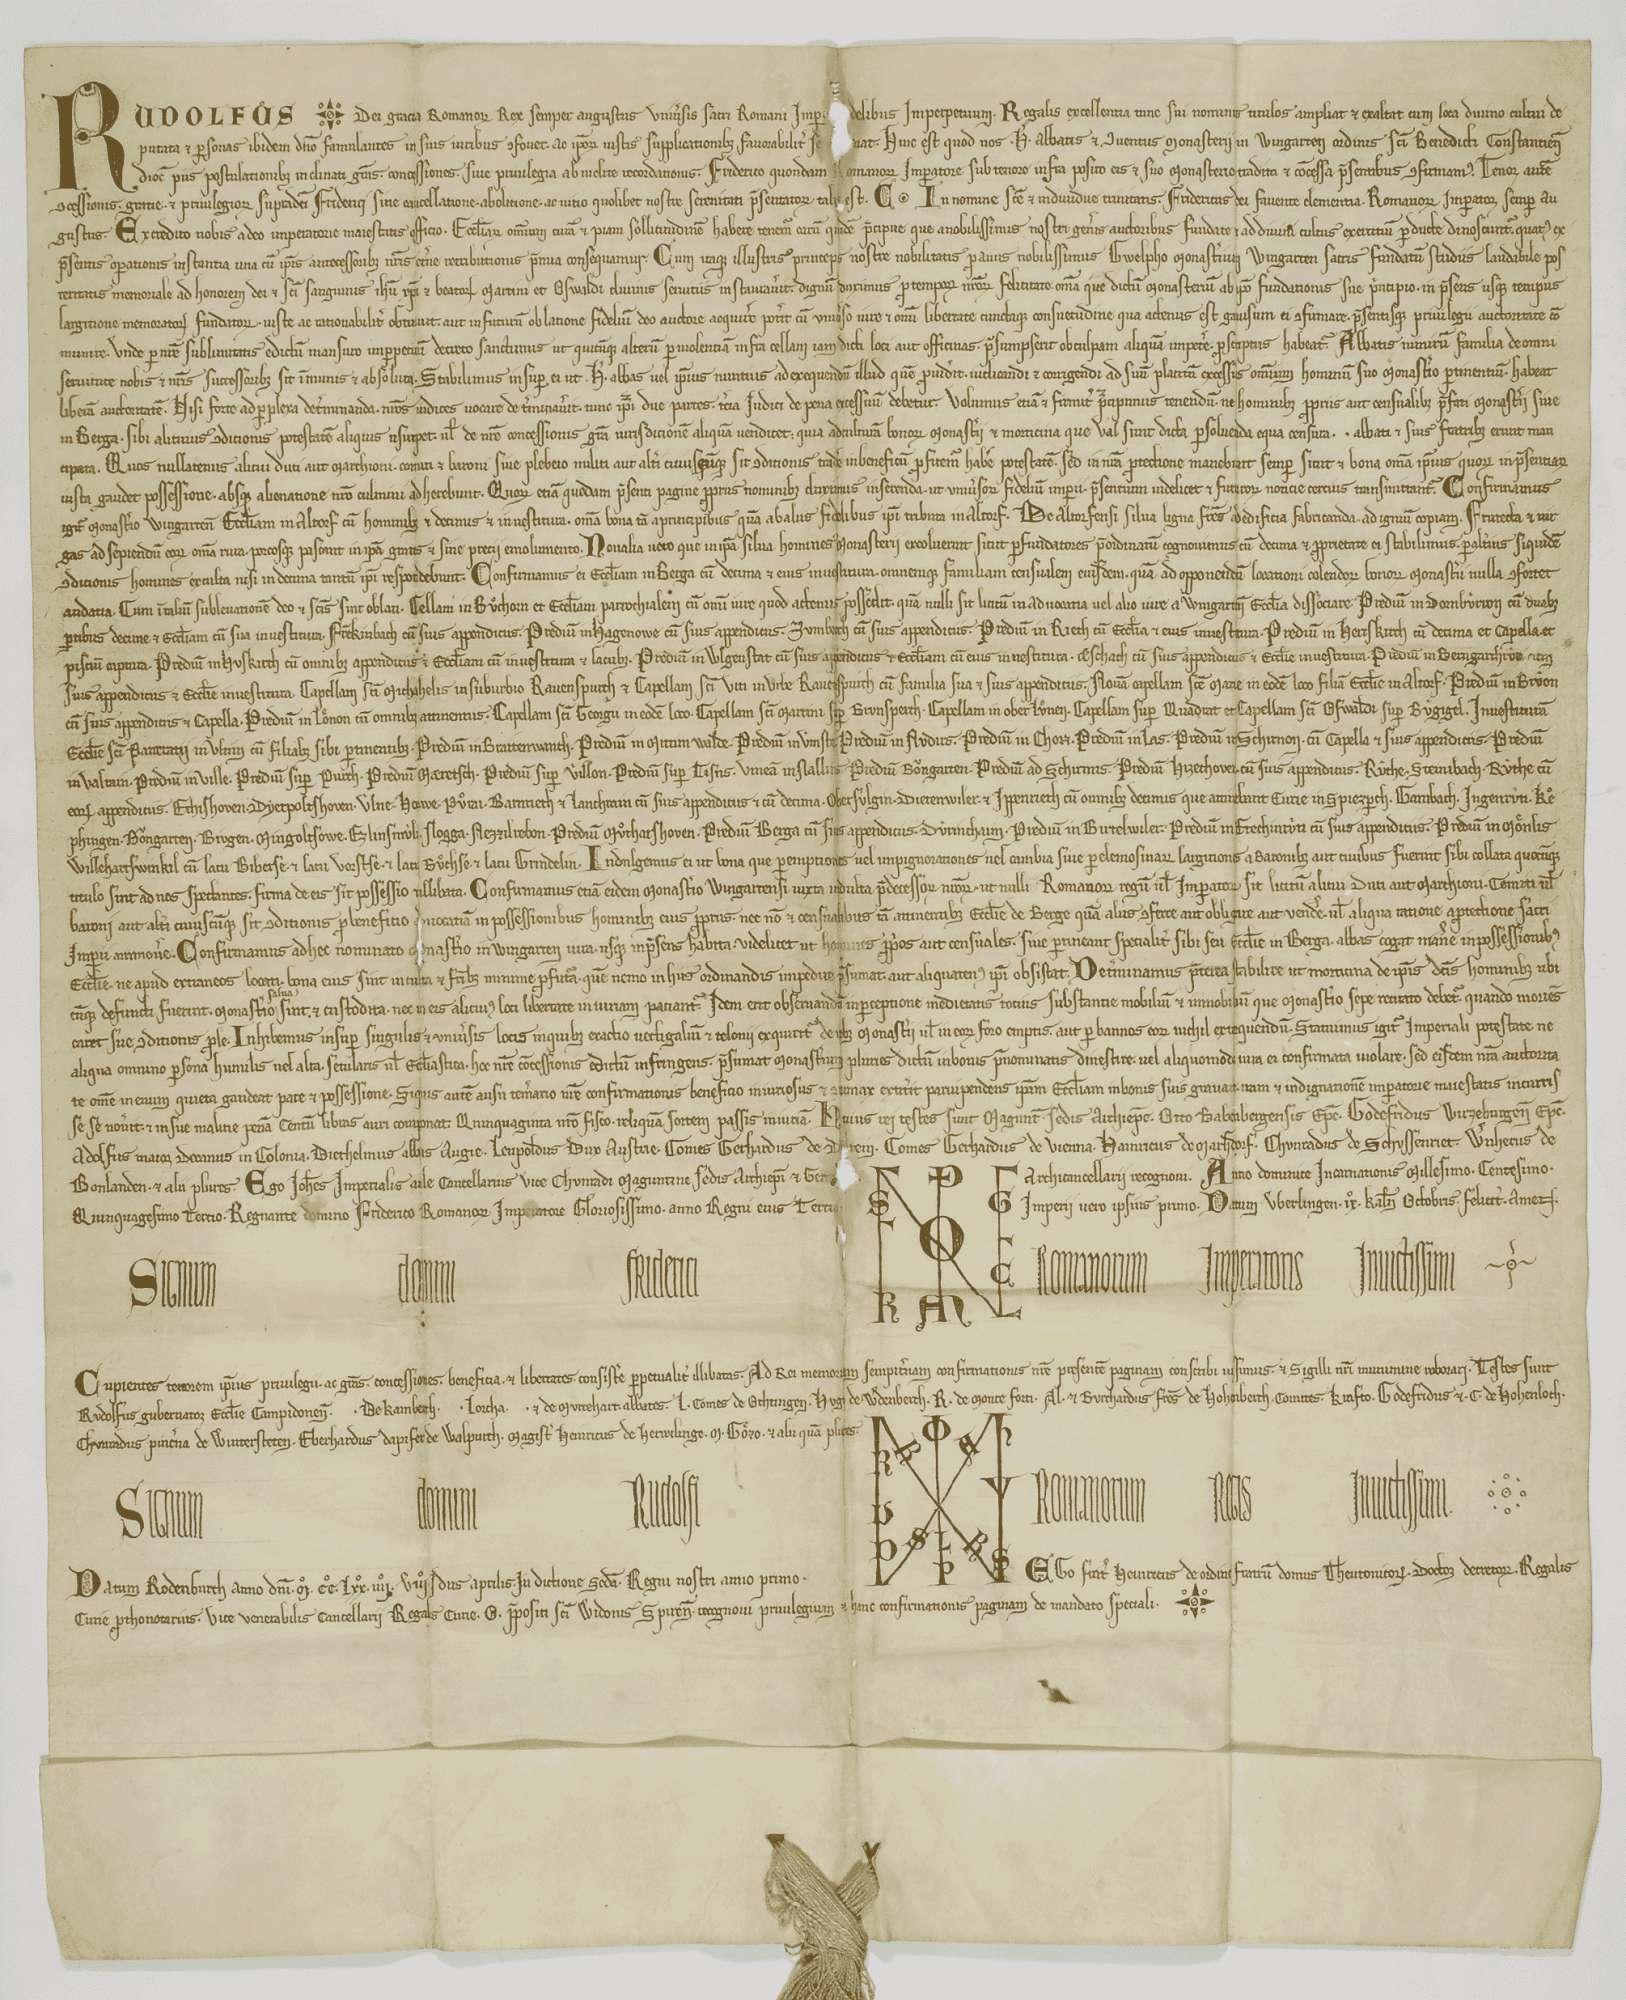 König Rudolf vidimiert und bestätigt dem Kloster Weingarten den falschen Schirmbrief Kaiser Friedrichs I. von 1153 September 23 in der 2. Fassung (Urkunde Nr. 350 in WUB, Bd. II, S. 83–94, Text B)., Bild 1